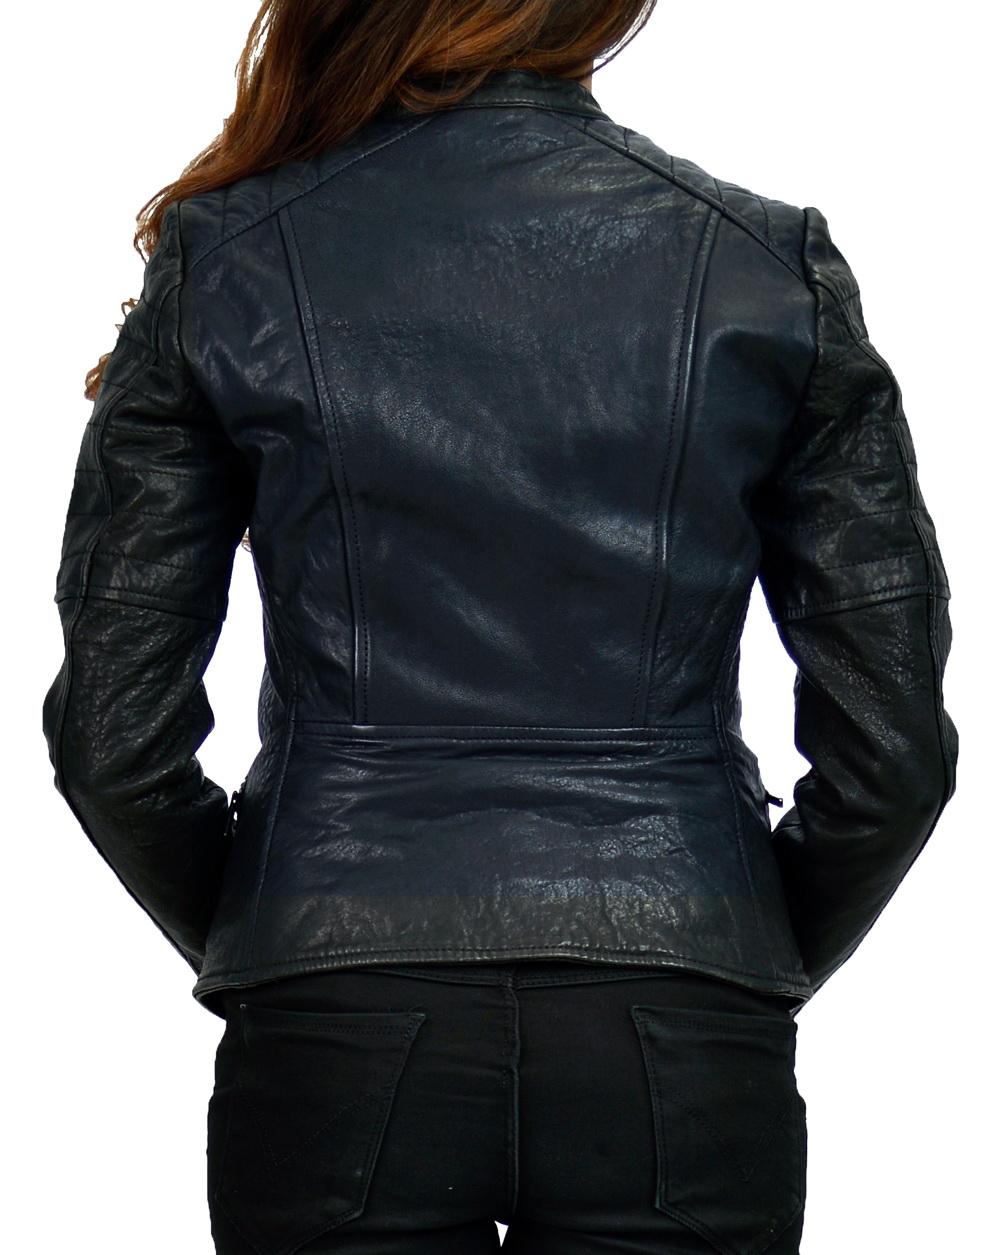 dusty-women-biker-jacket-b.jpg (800×1004)